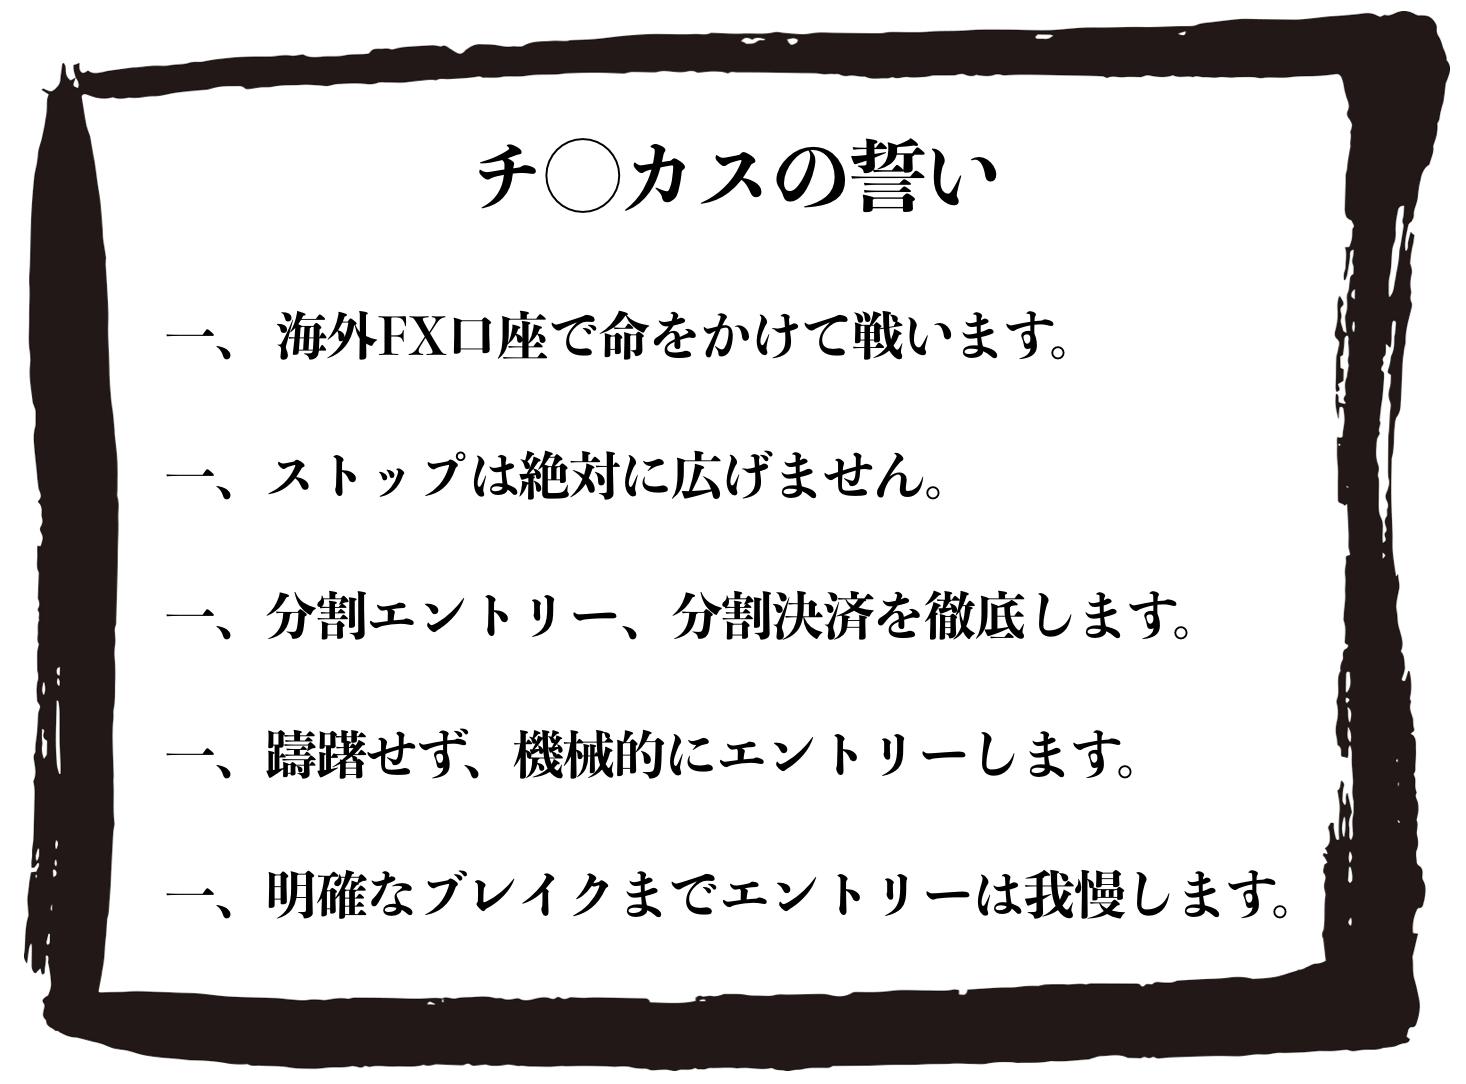 チ◯カスの誓い